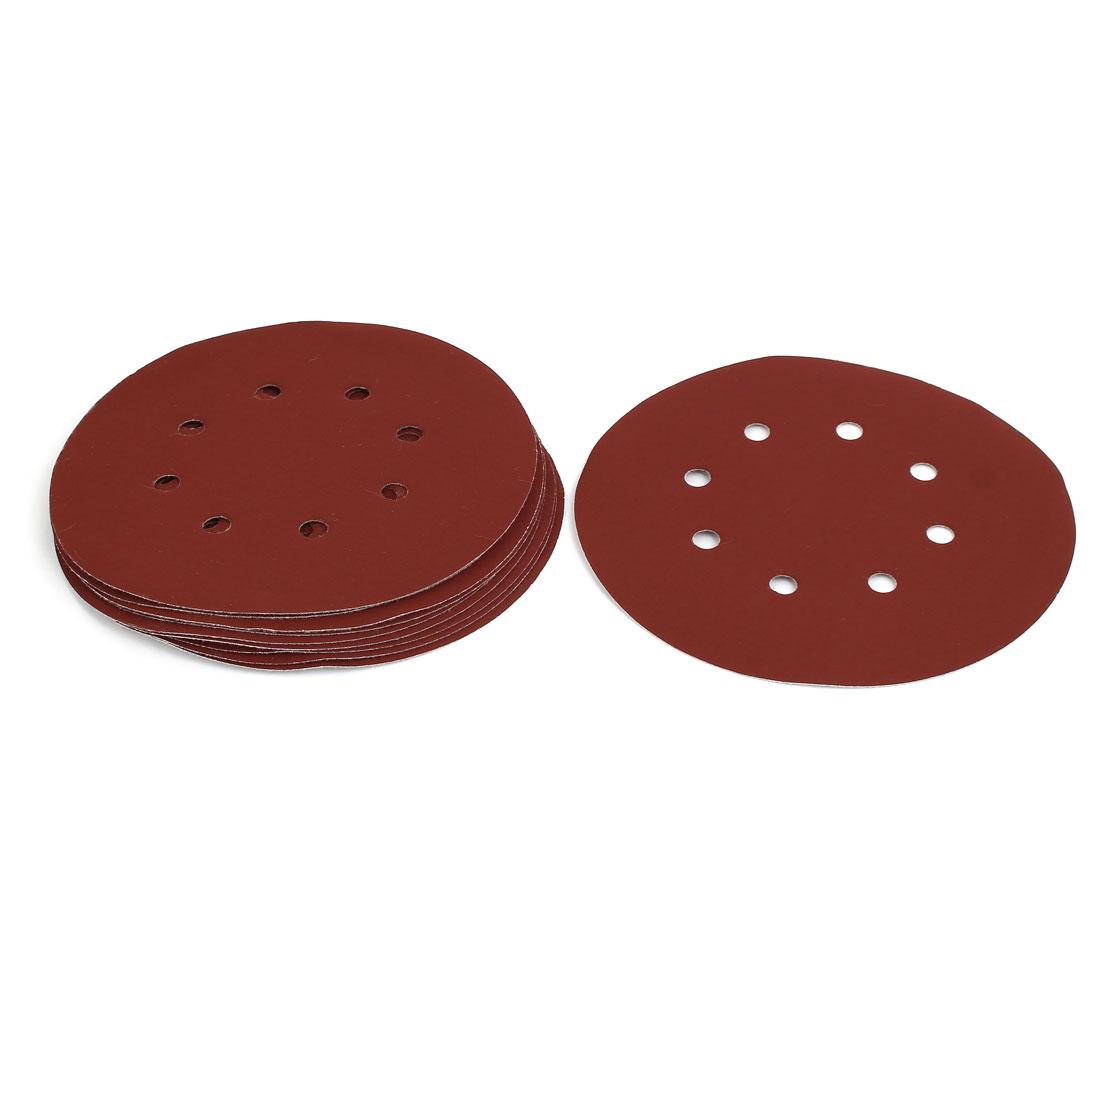 """1200 Grit 8 Hole 7"""" Diameter Sandpaper Hook Loop Sanding Disc 10 Pcs"""